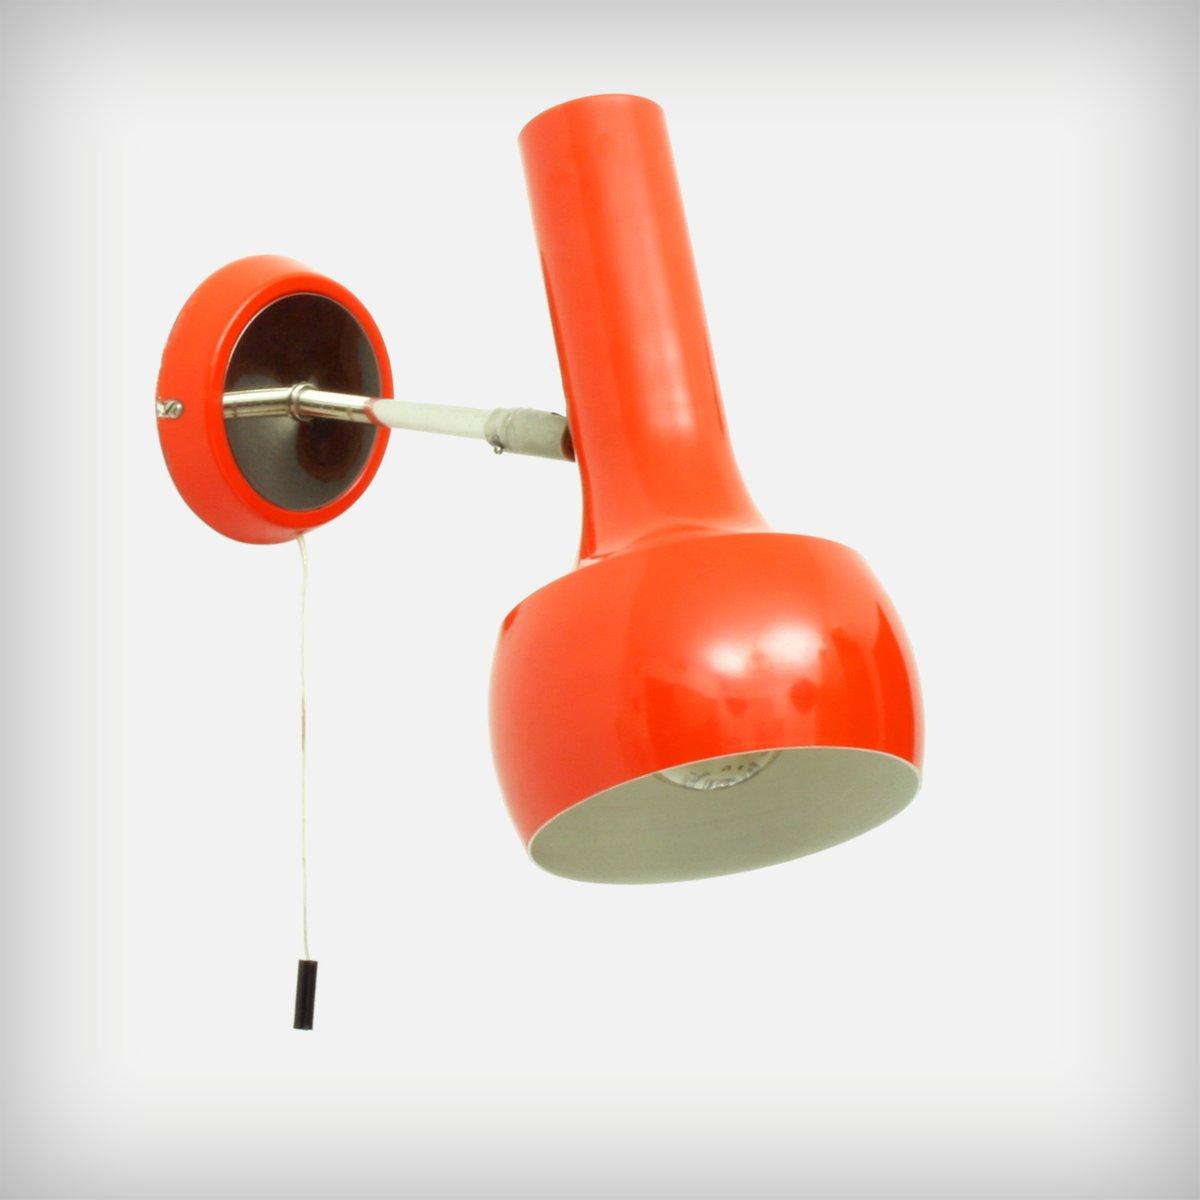 Schweizer Rot-Orange Wand- oder Deckenlampe von LAD Team für Swisslamp...